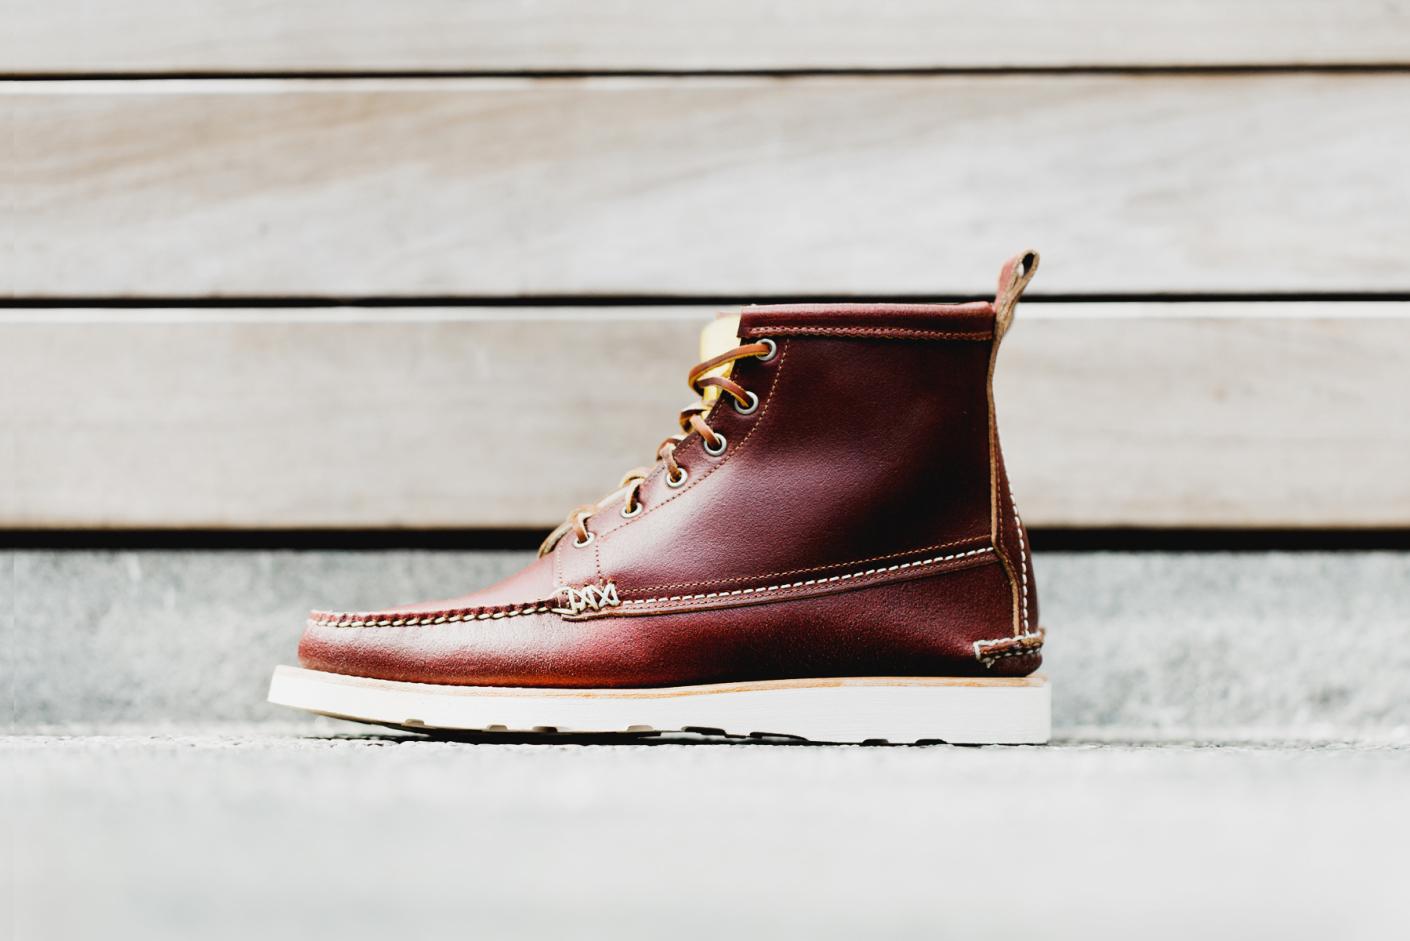 yuketen-2014-fall-winter-maine-guide-boots-4.jpg